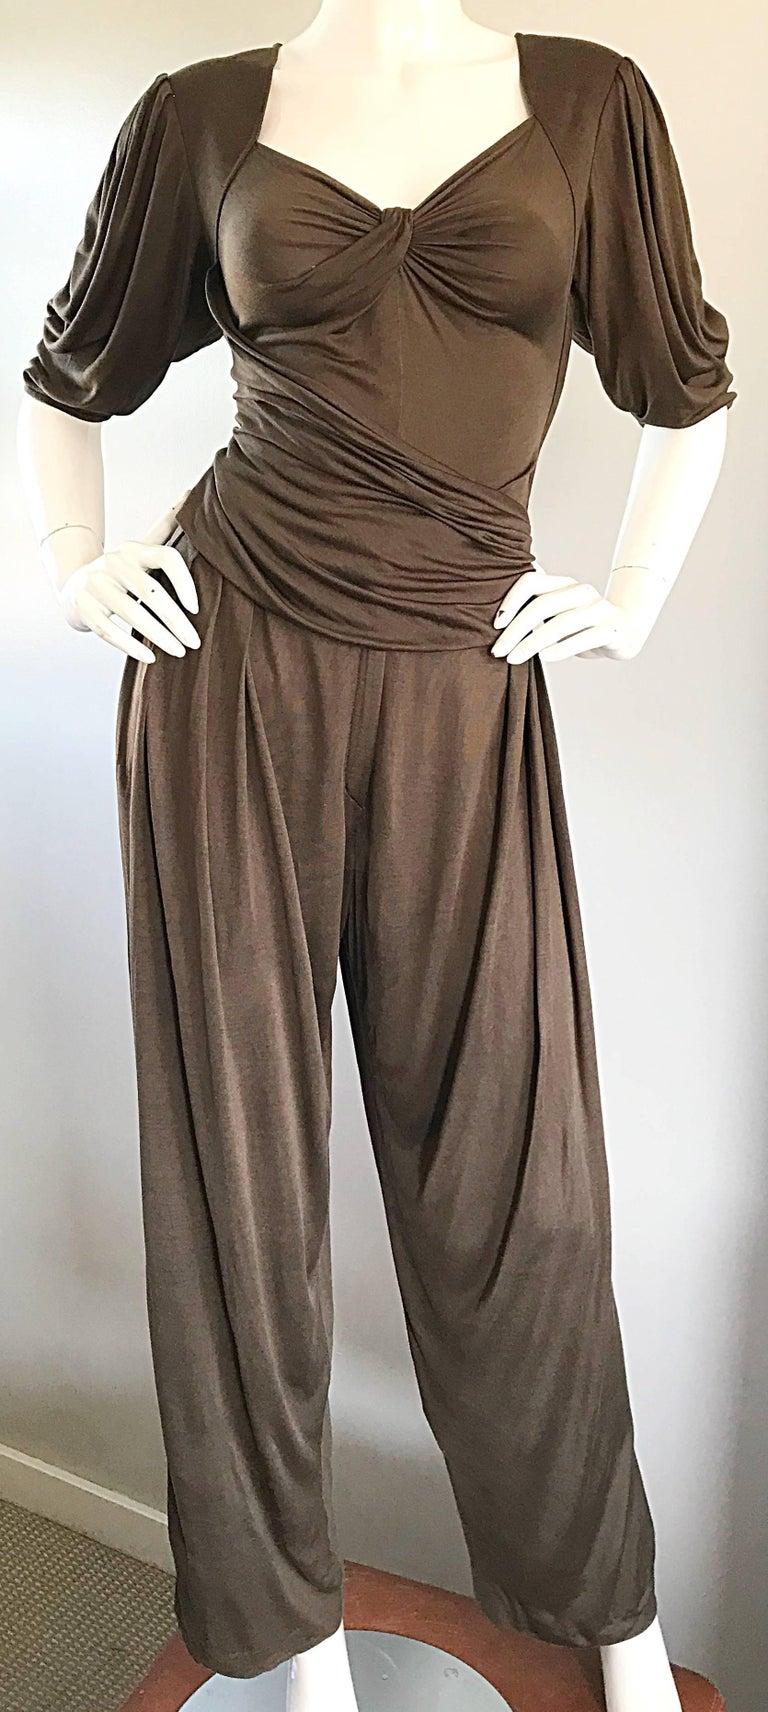 Women's Vintage Emanuel Ungaro Silk Jersey Taupe Two Piece Harem Pants Ensemble Pant Set For Sale